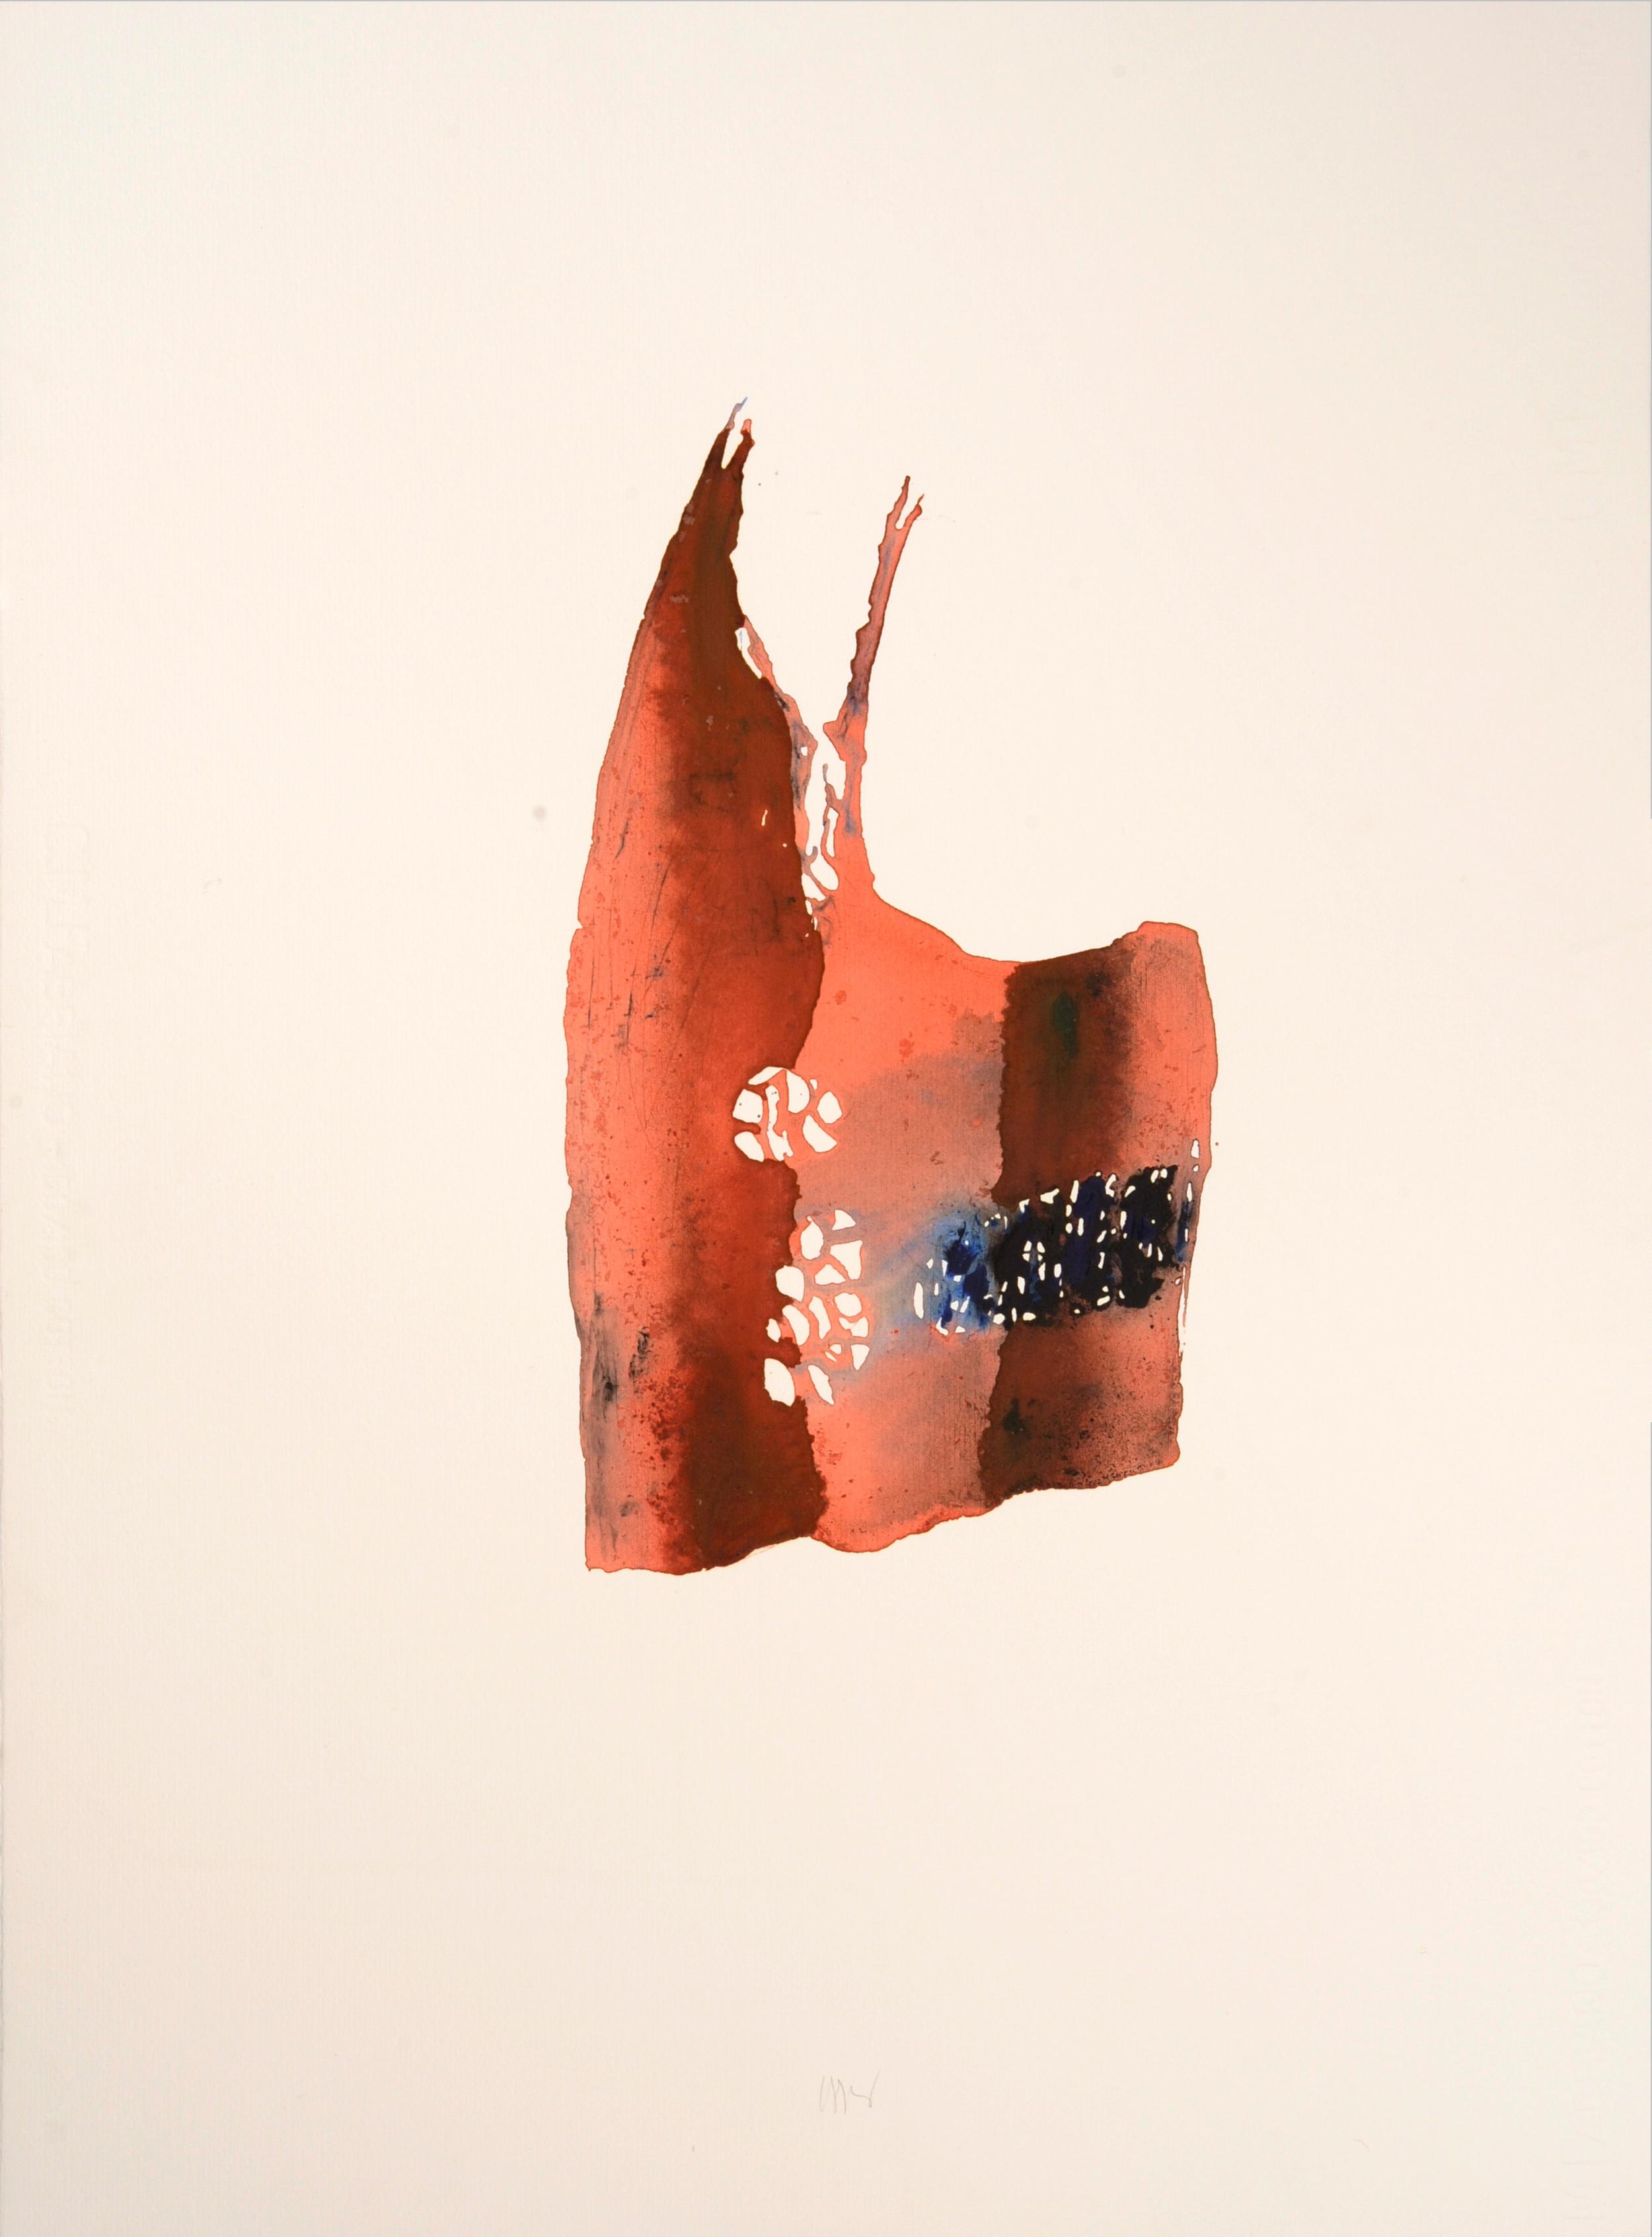 """senza titolo, dalla serie """"Pagine sparse"""", 1995, acrilico su carta Fabriano, cm 76 x 57  untitled, from the series """"Pagine sparse"""", 1995, acrylic on Fabriano paper, cm 76 x 57"""